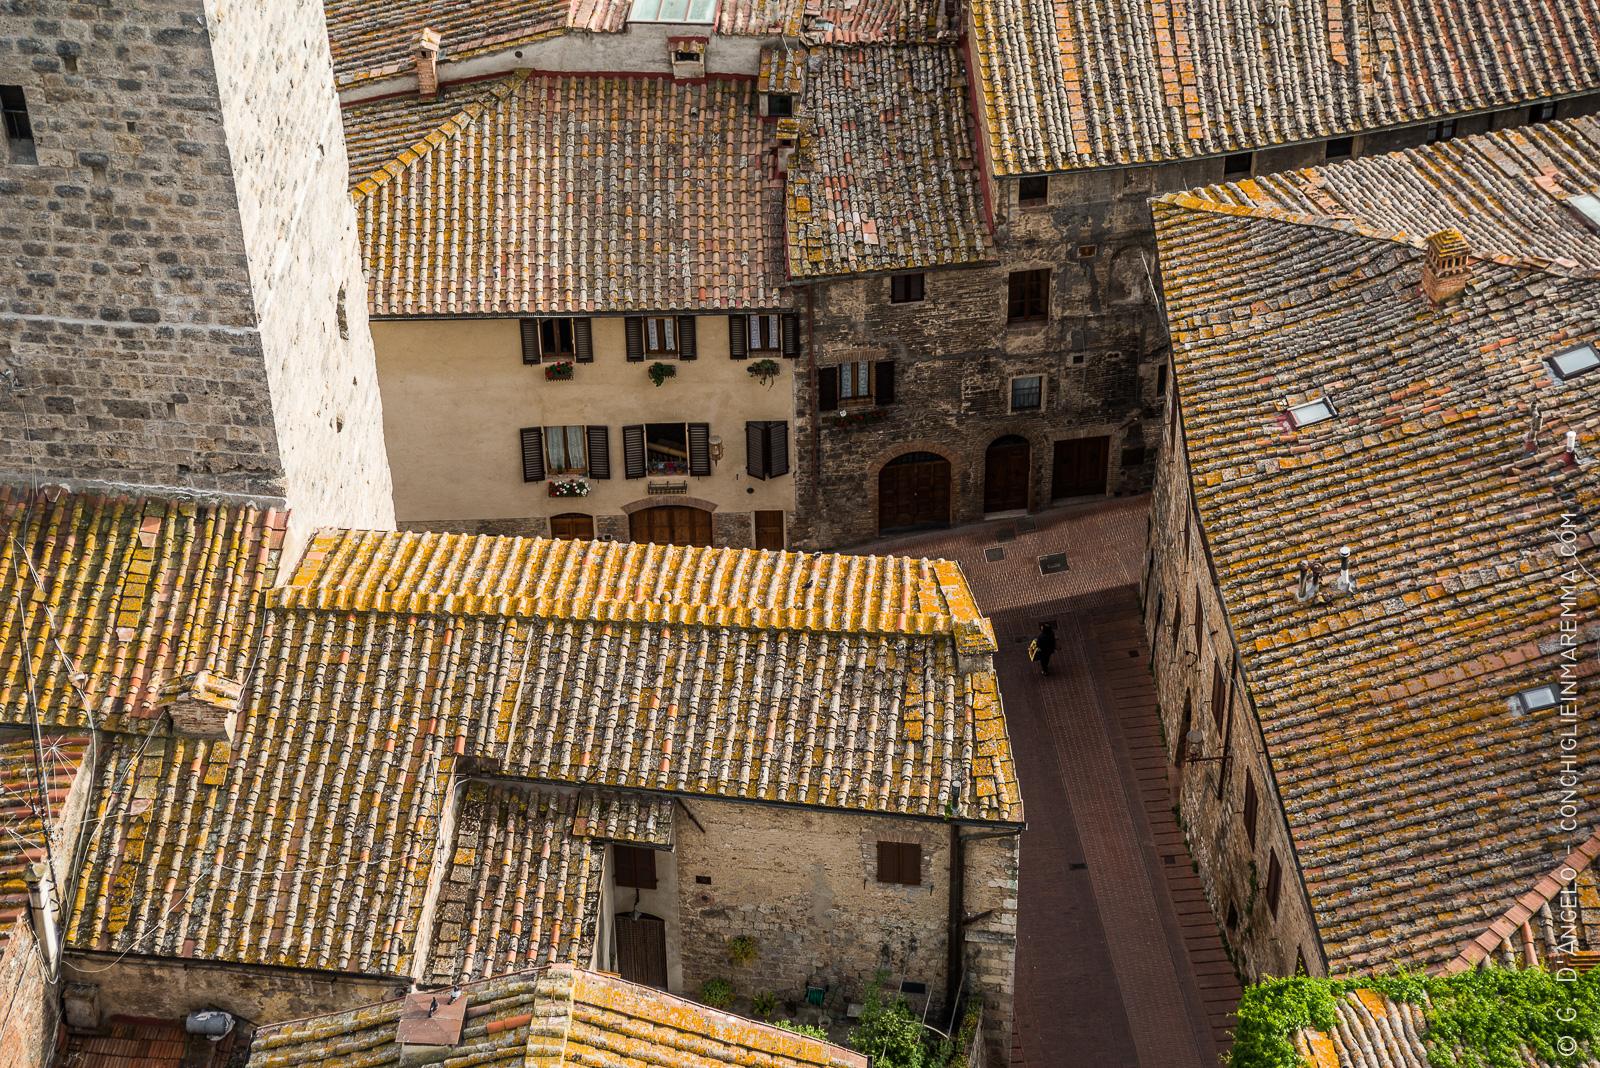 Tetti di San Gimignano